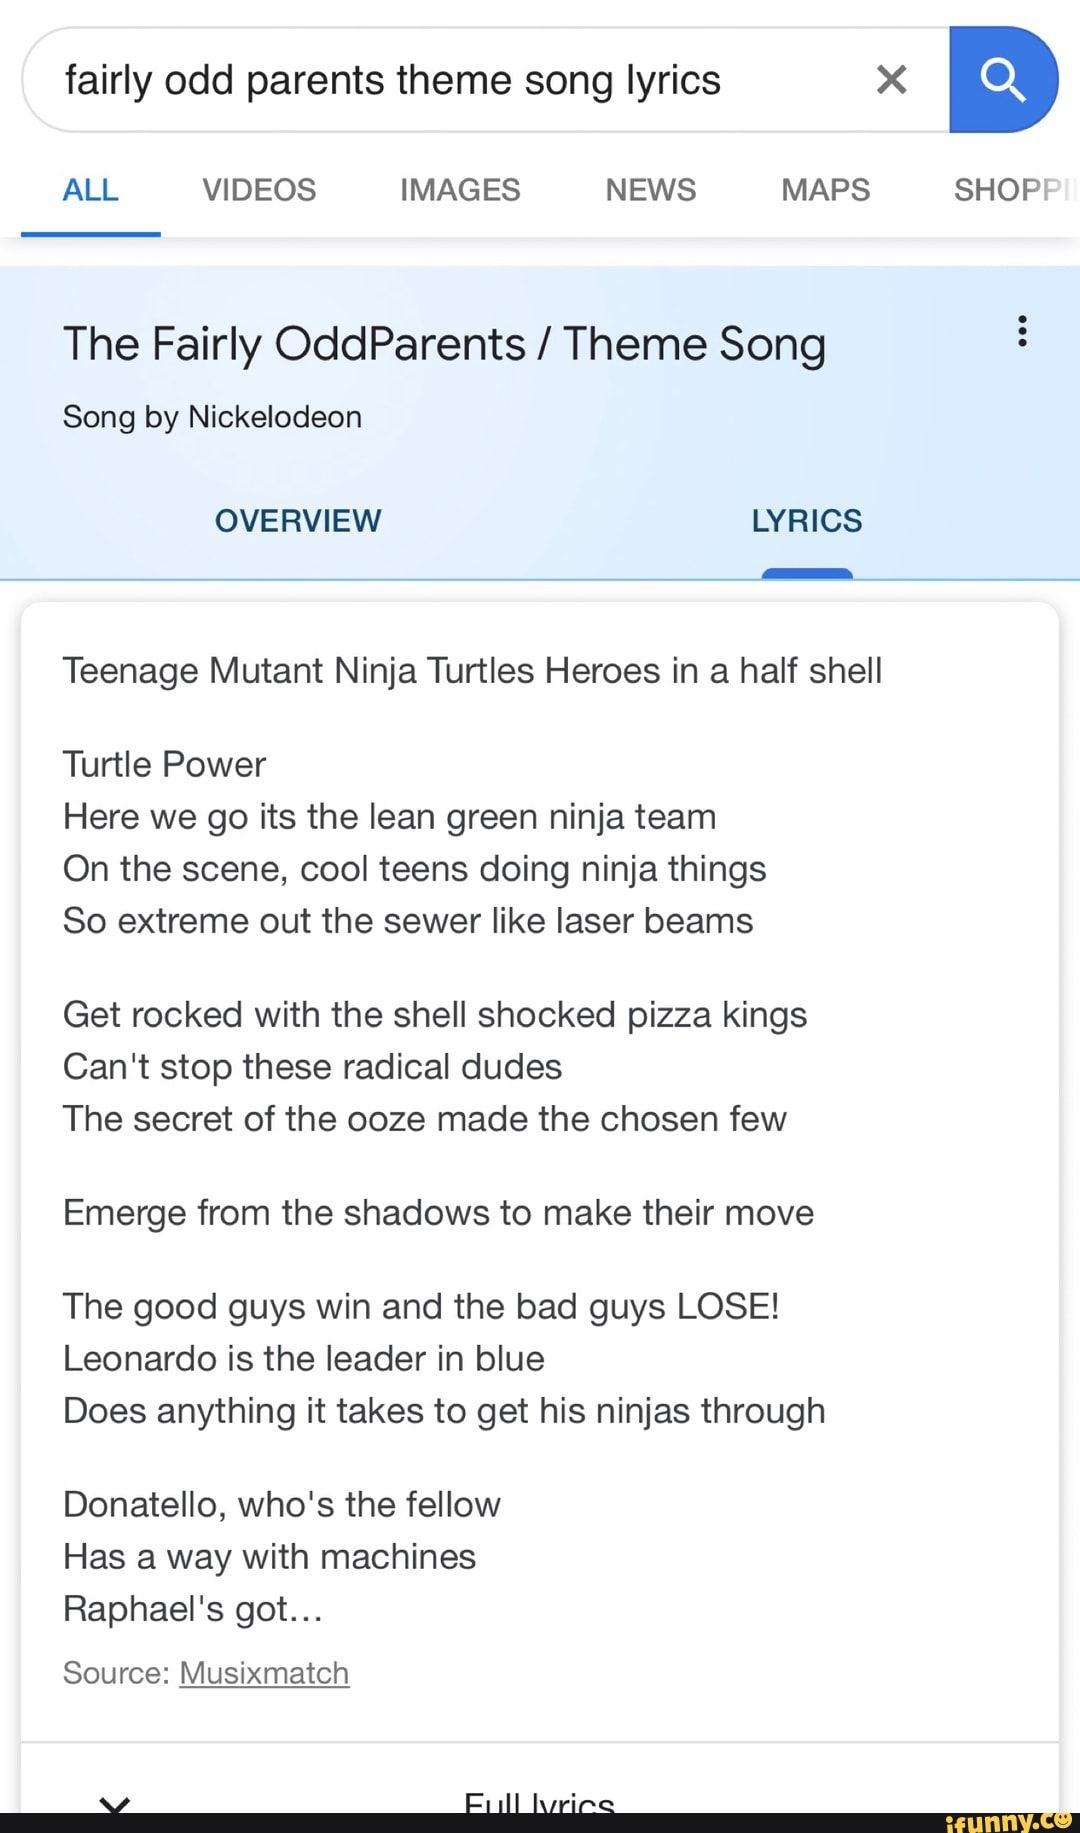 Teenage Mutant Ninja Turtles Theme Tune Lyrics : teenage, mutant, ninja, turtles, theme, lyrics, Fairly, Parents, Theme, Lyrics, VIDEOS, IMAGES, OddParents, Nickelodeon, Teenage, Mutant, Ninja, Turtles, Hero…, Parents,